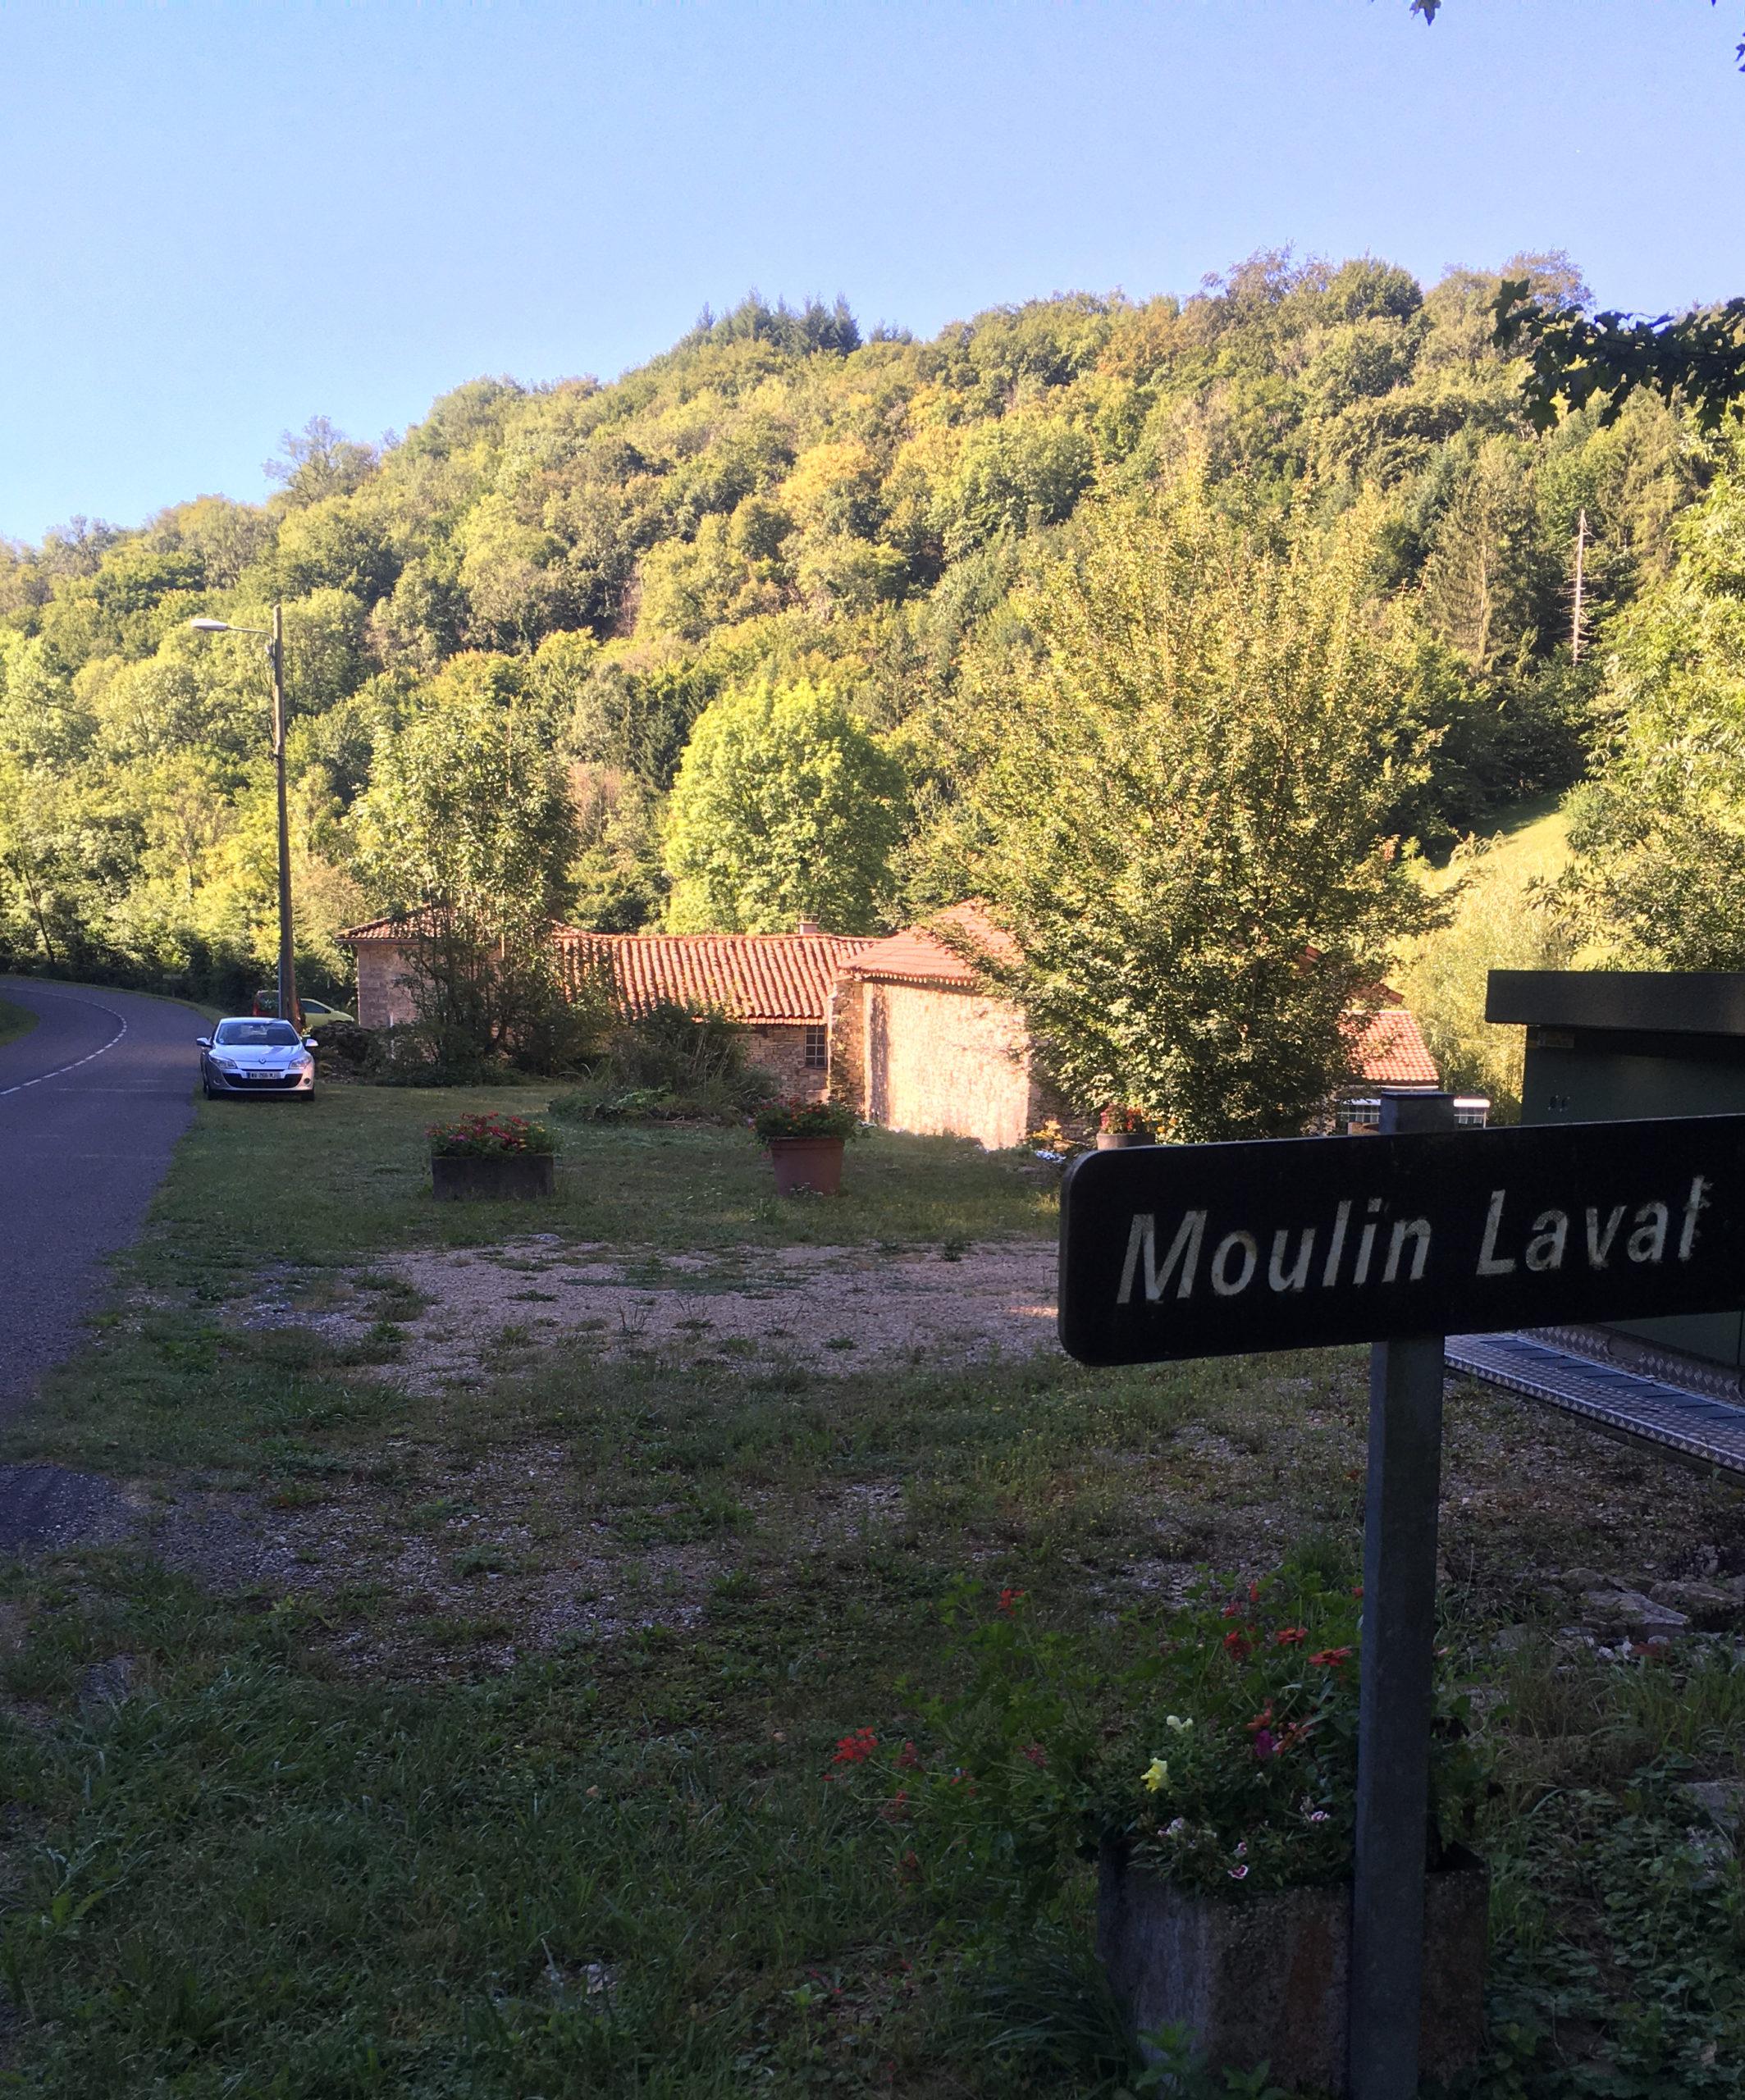 Moulin Laval